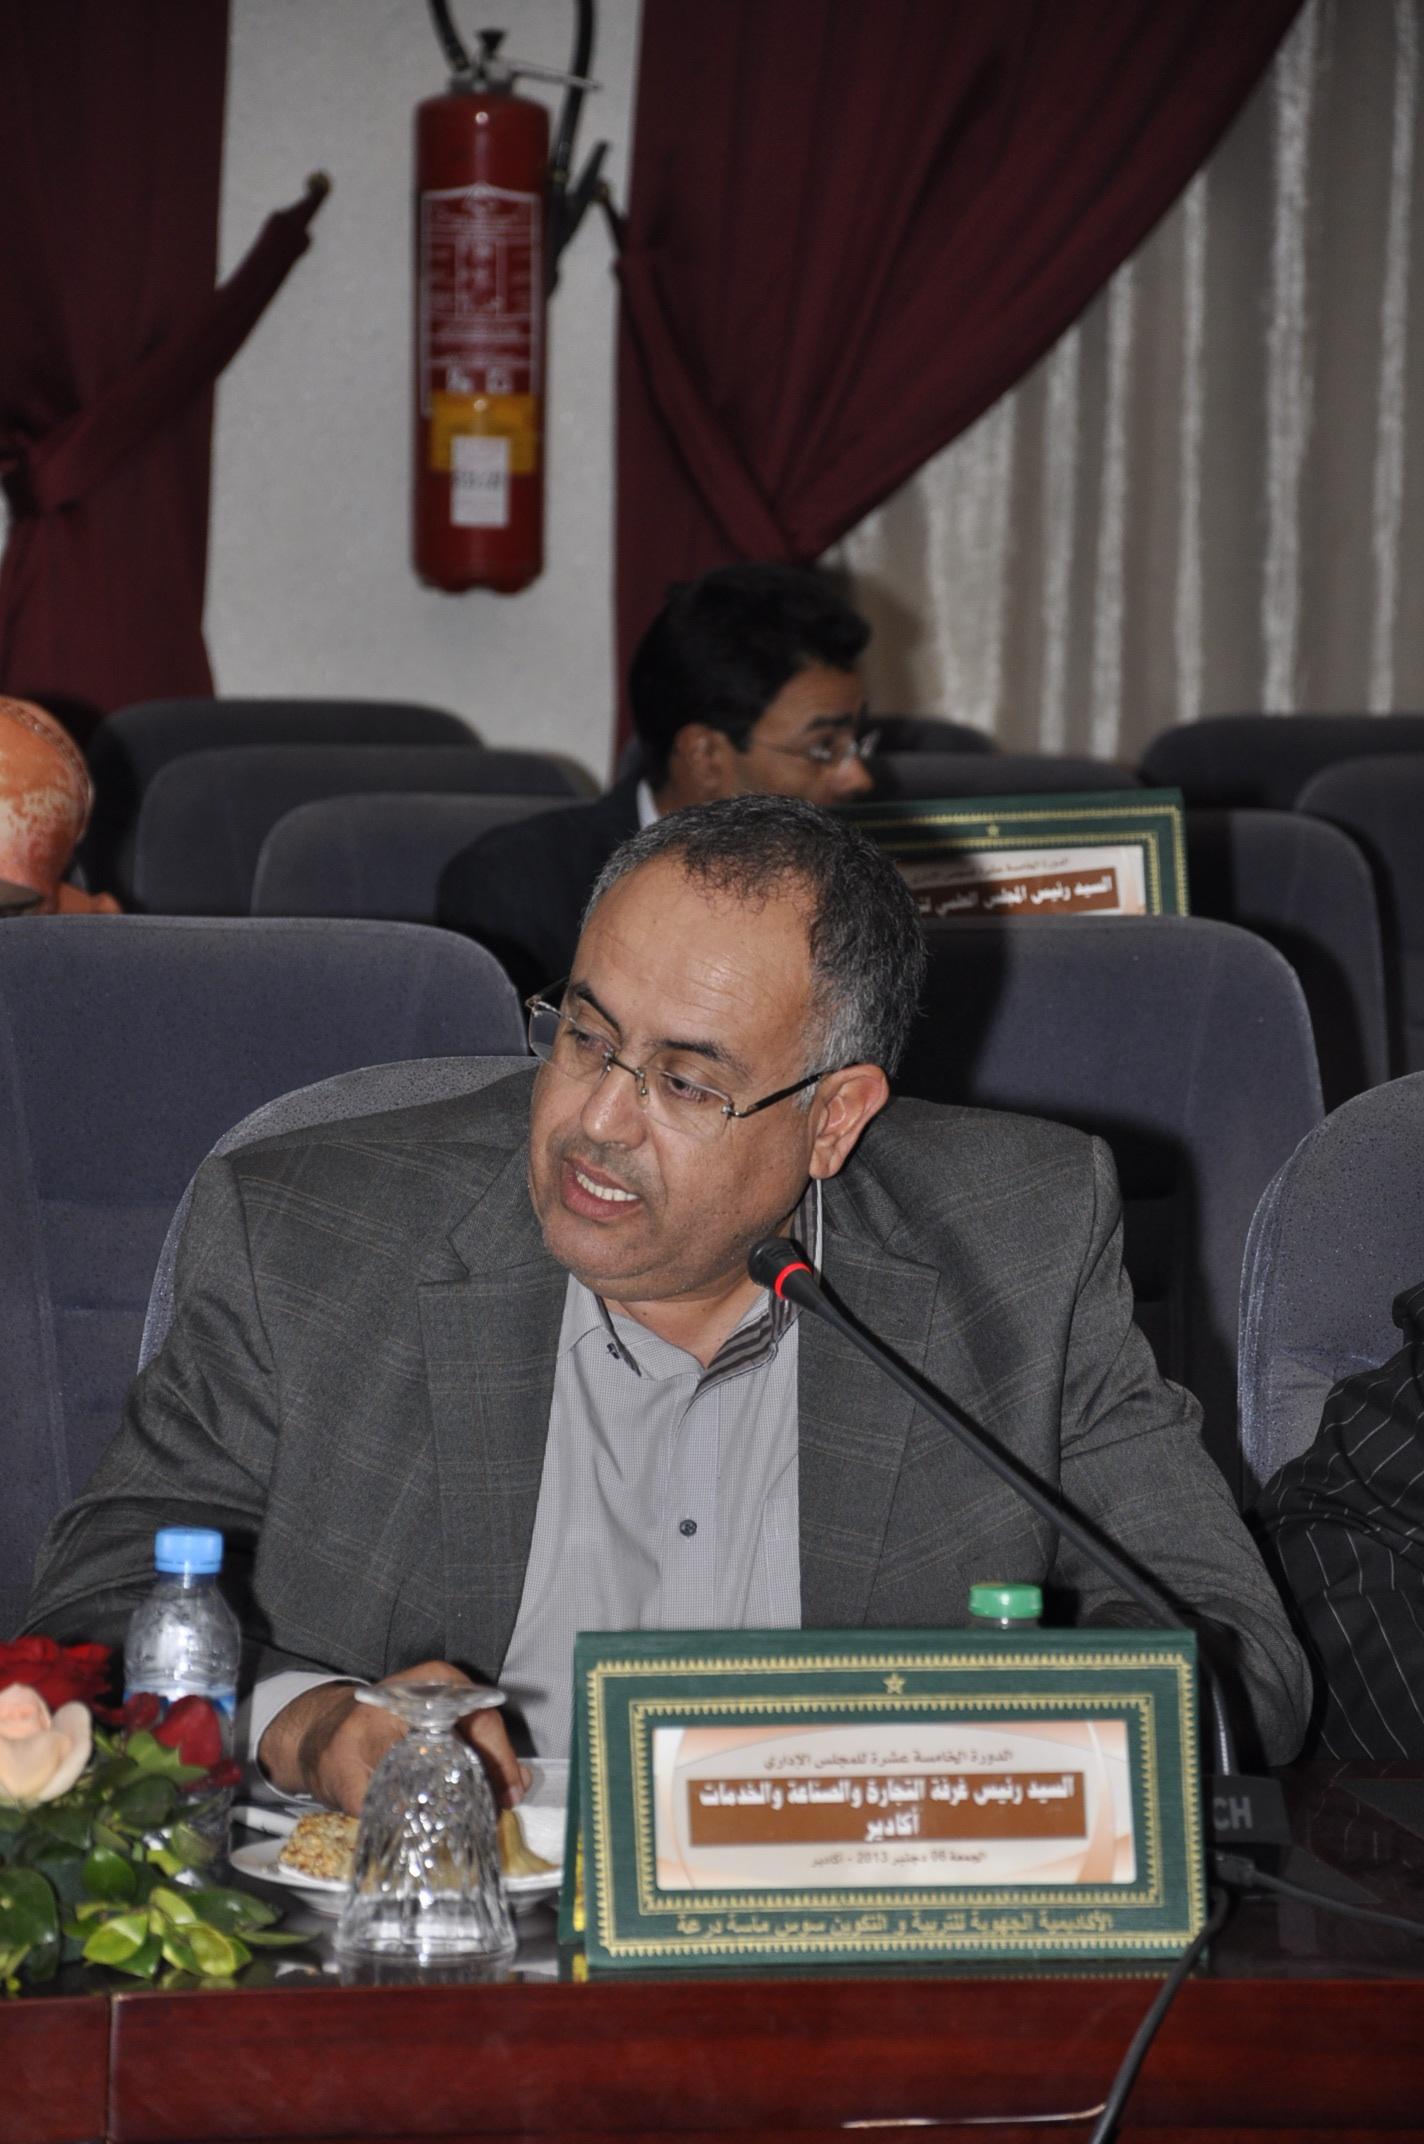 نائب رئيس غرفة التجارة ومجلس الجهة بأكادير يهين نساء ورجال التعليم أمام وزير التربية الوطنية